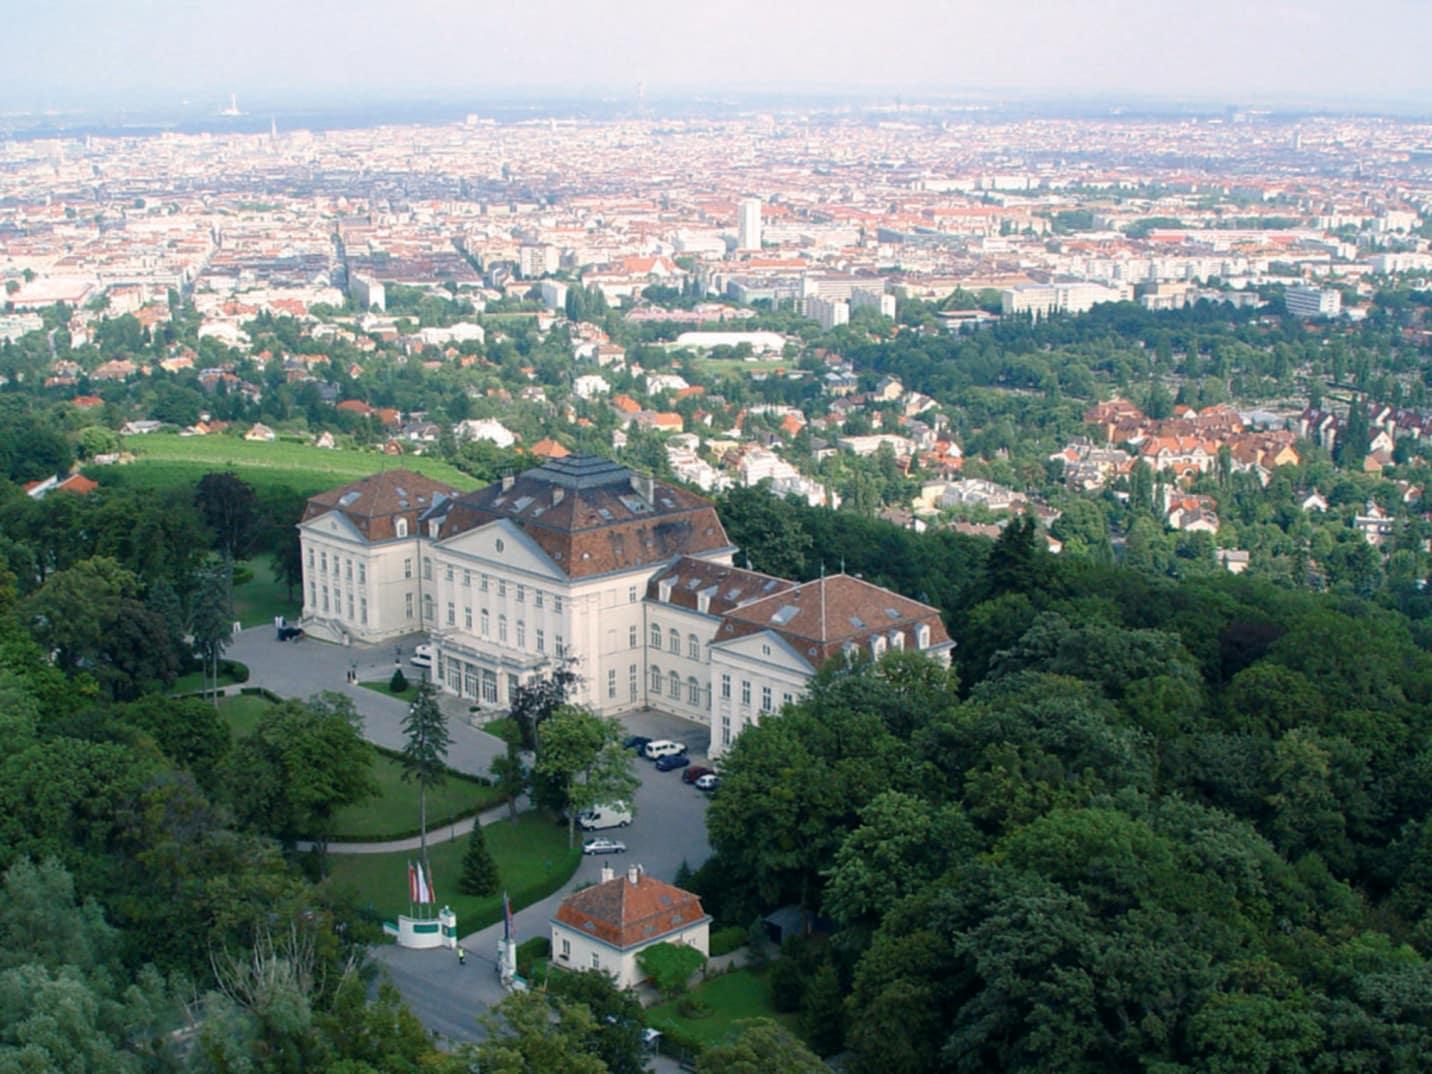 Wien: Flug + Hotel - Austria Trend Hotel Schloss Wilhelminenberg **** (2 Pers. im DZ)